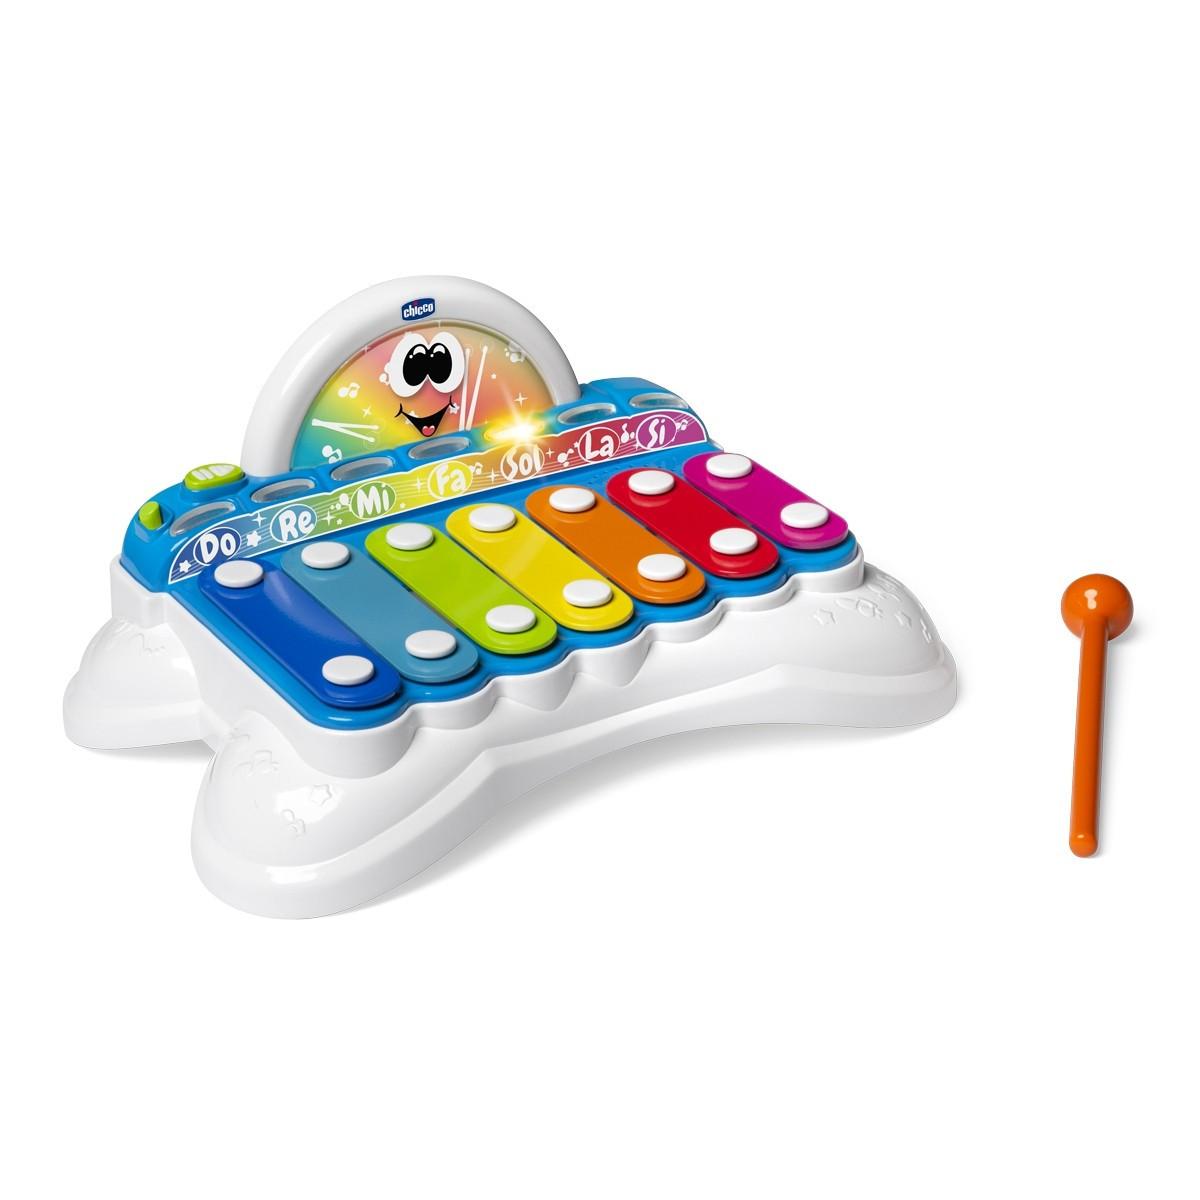 """Іграшка музична Chicco """"Flashy the Xylophone"""" (09819.10)"""